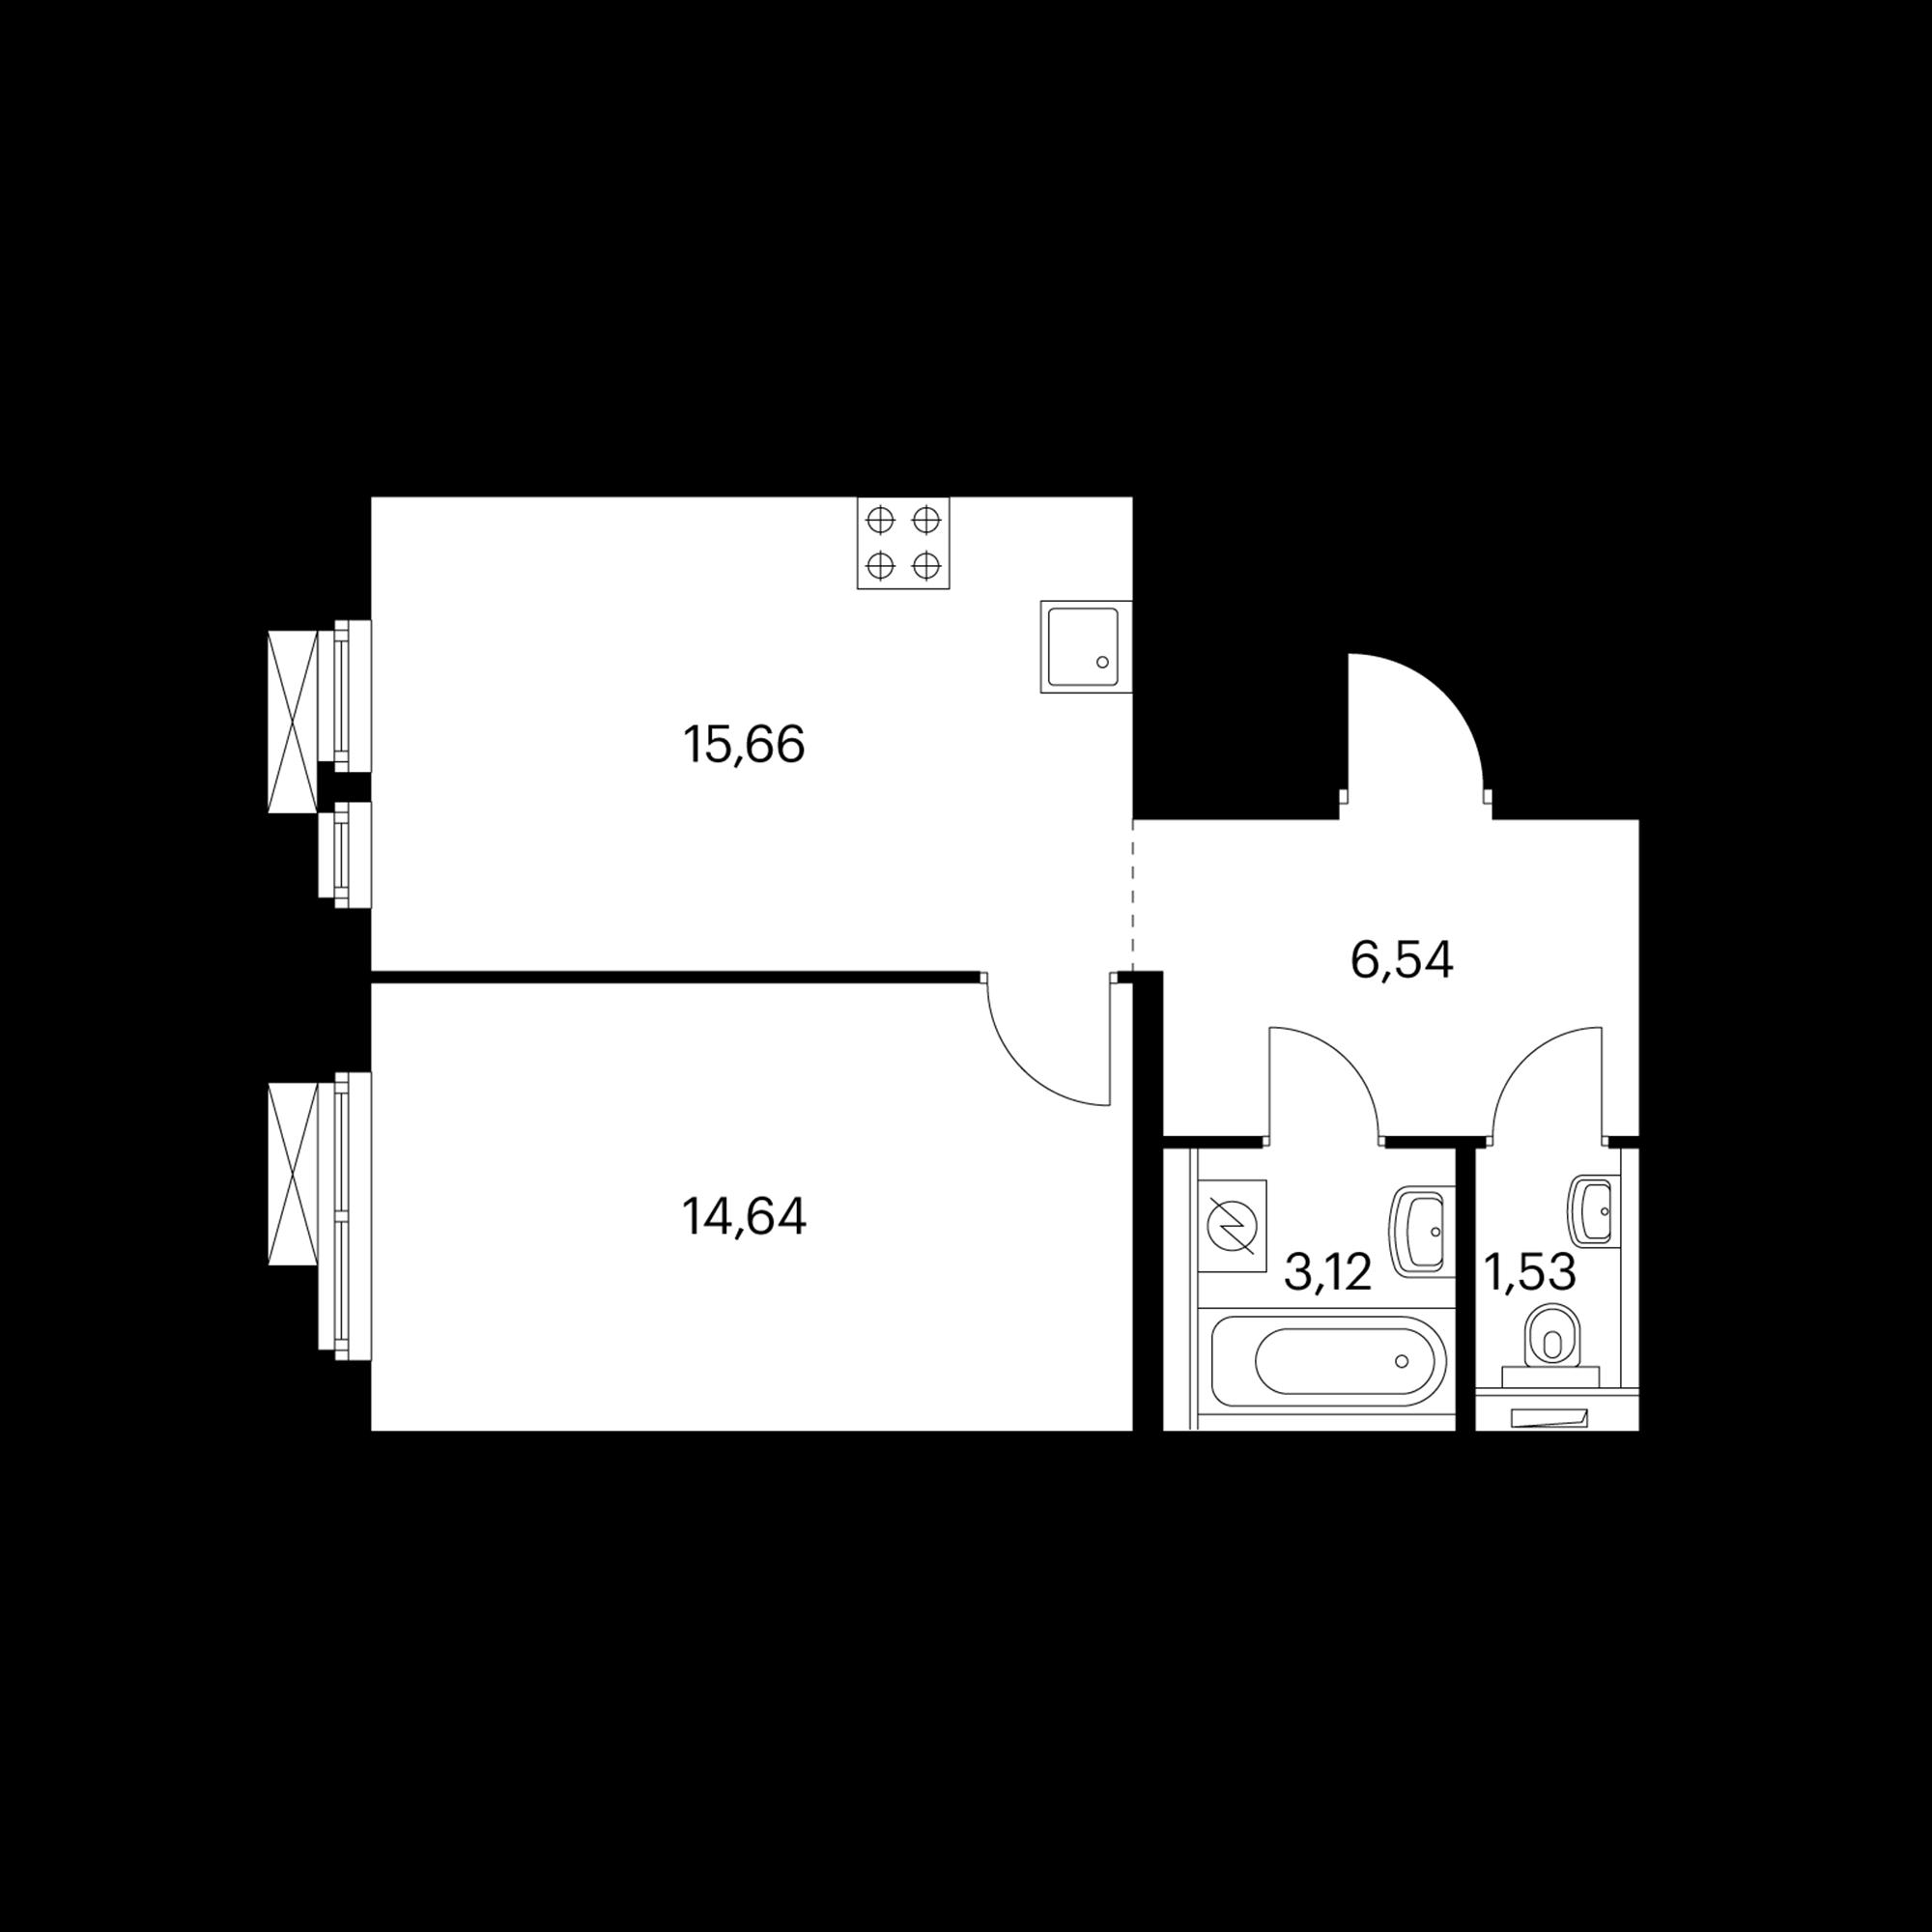 1EM21_8.4-1_T_Z1